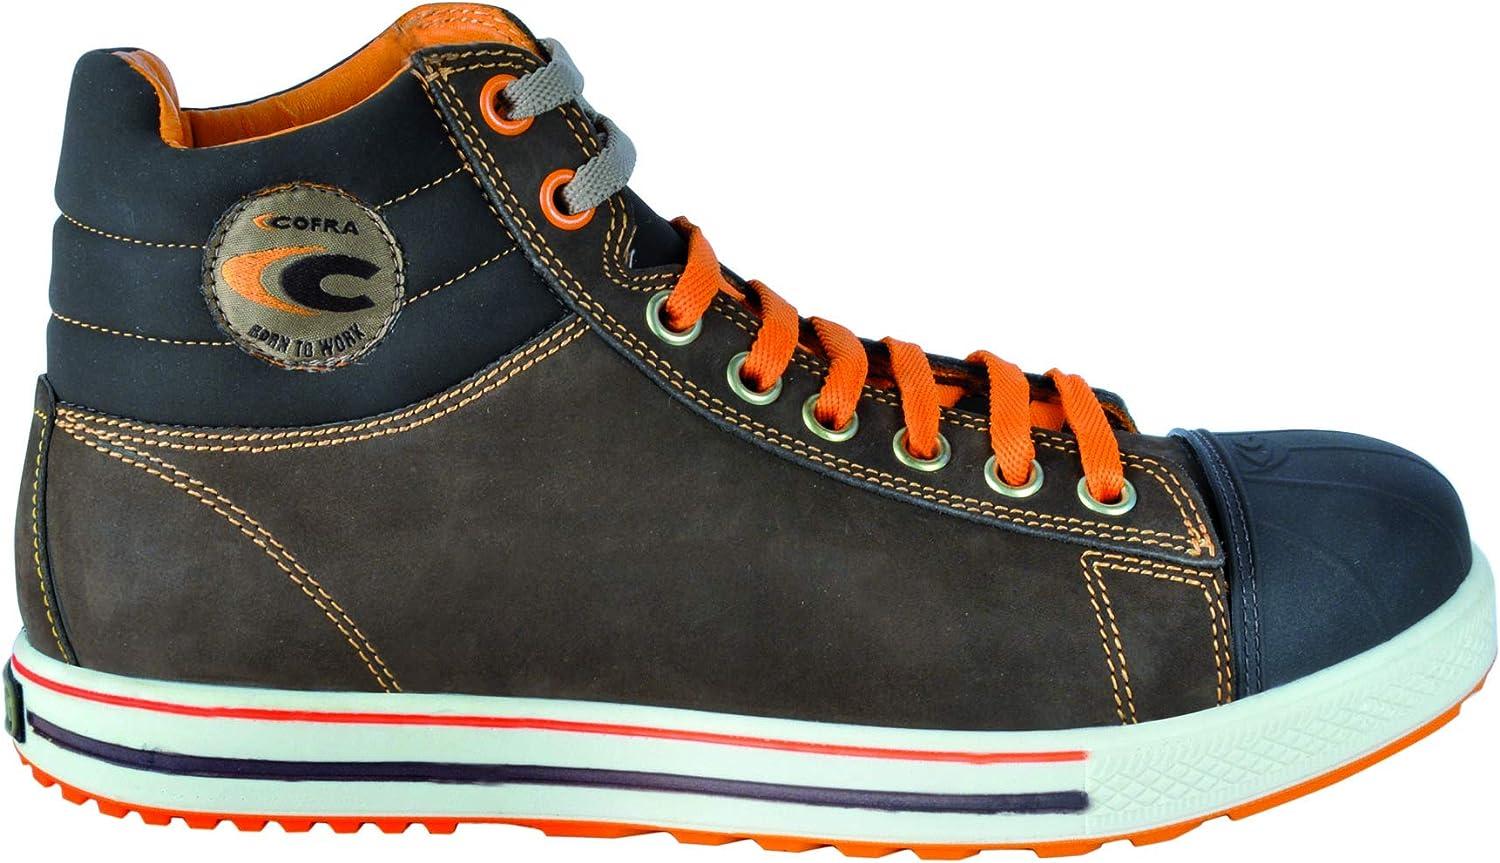 Cofra NT230-000.W38 Chaussures de s/écurit/é New Volga Uk S3 SRC Taille 38 Noir